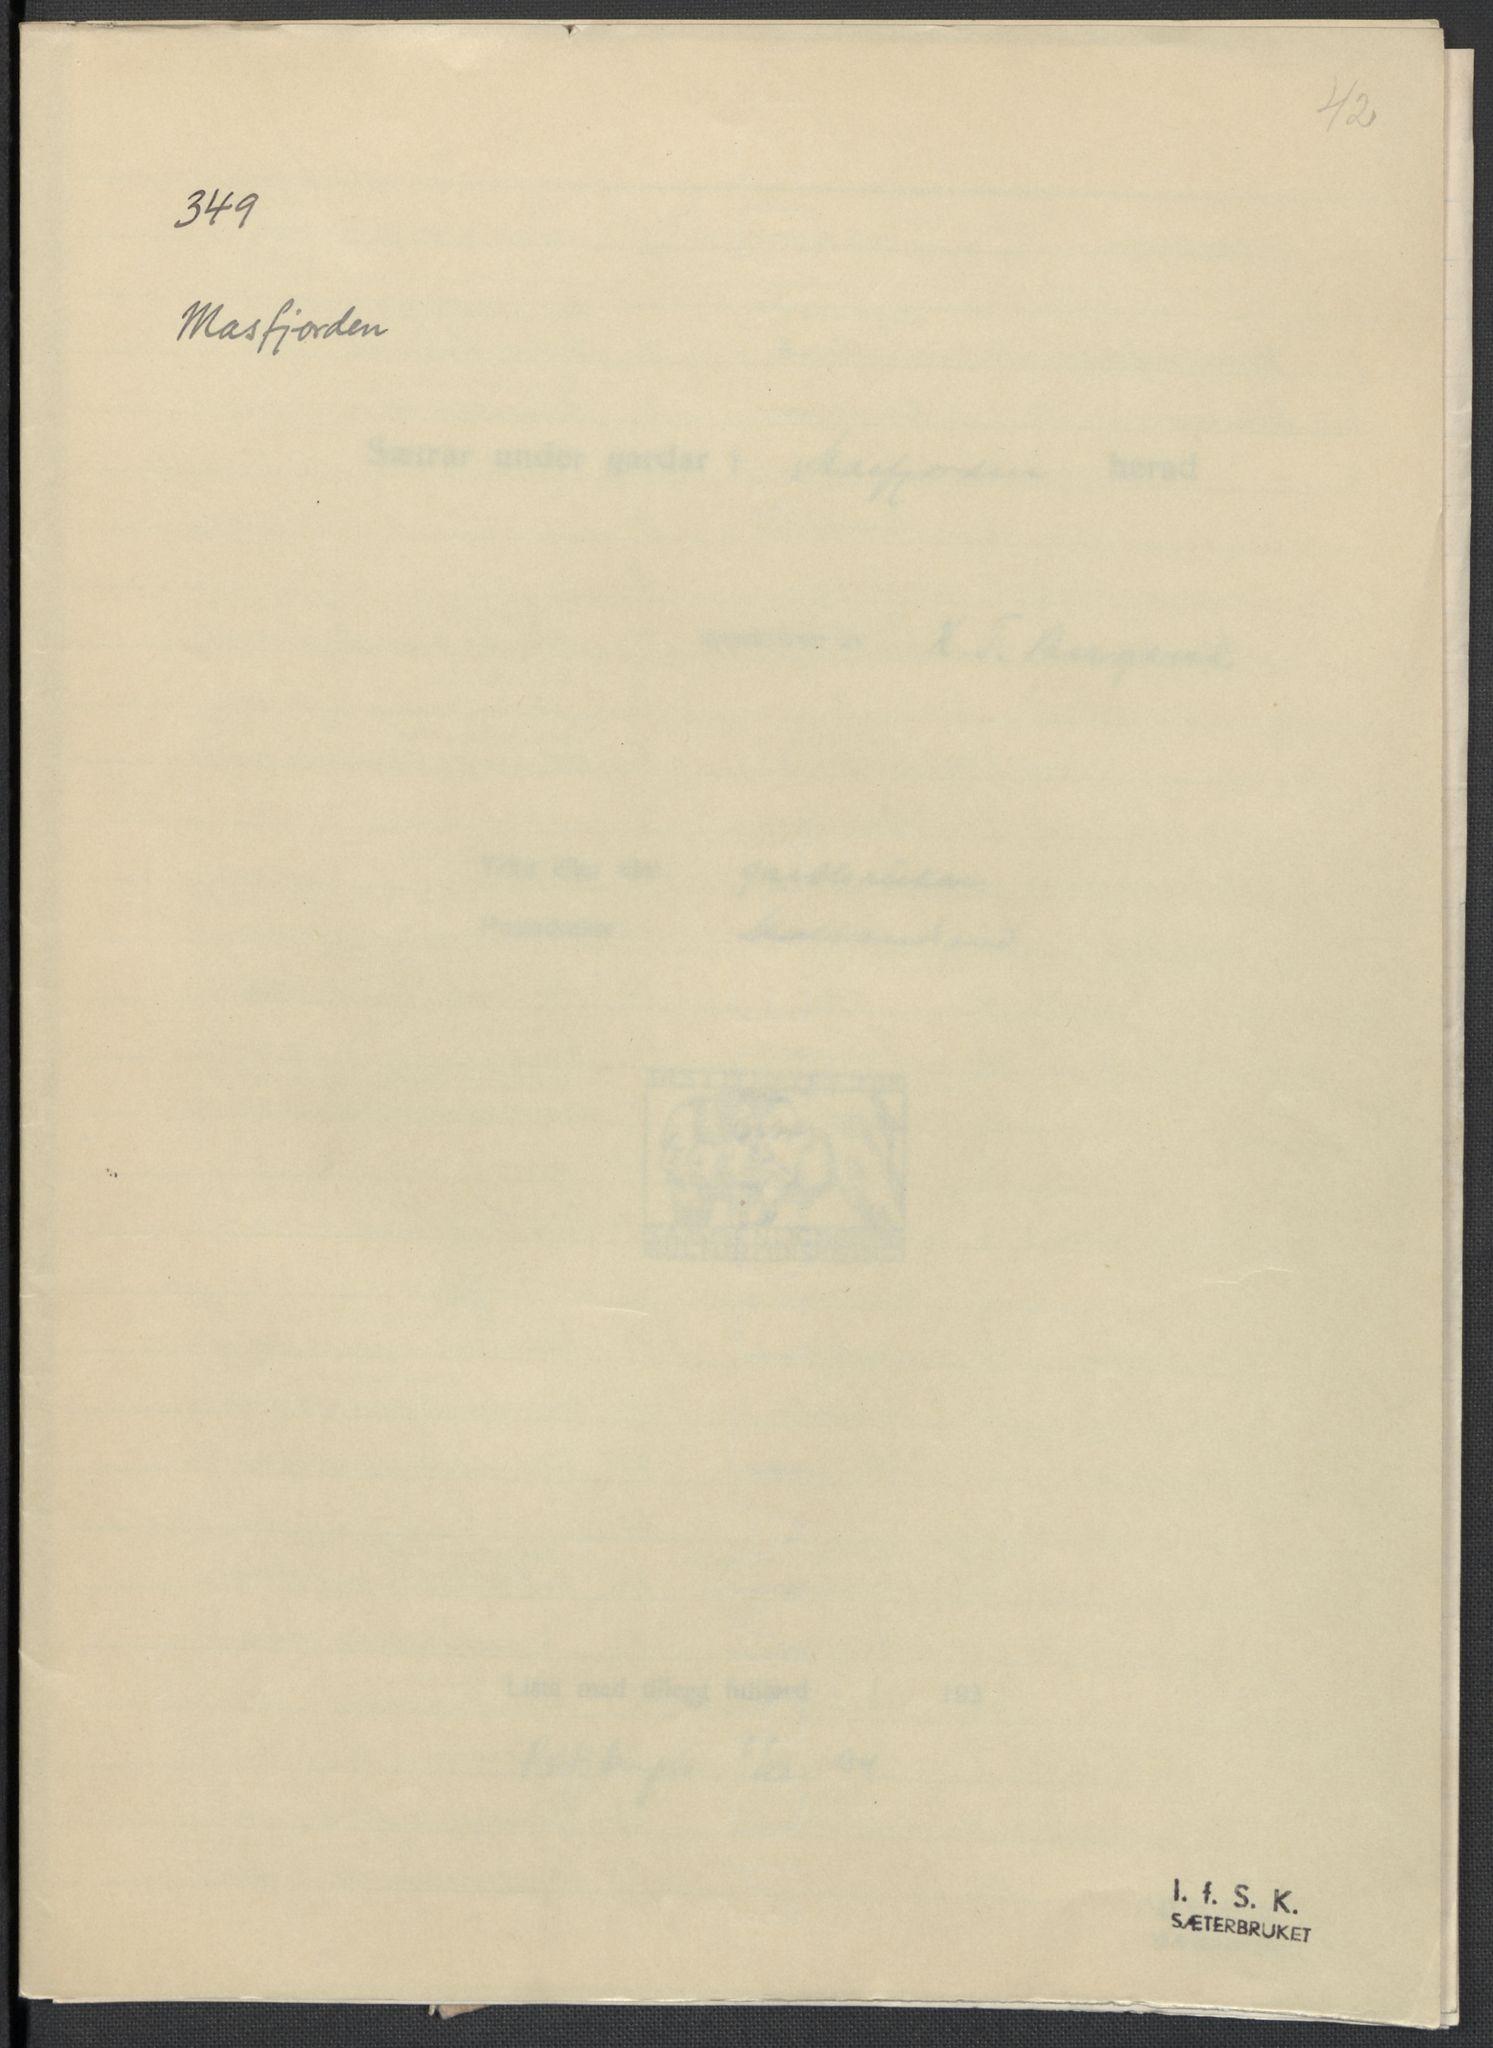 RA, Instituttet for sammenlignende kulturforskning, F/Fc/L0010: Eske B10:, 1932-1935, s. 42